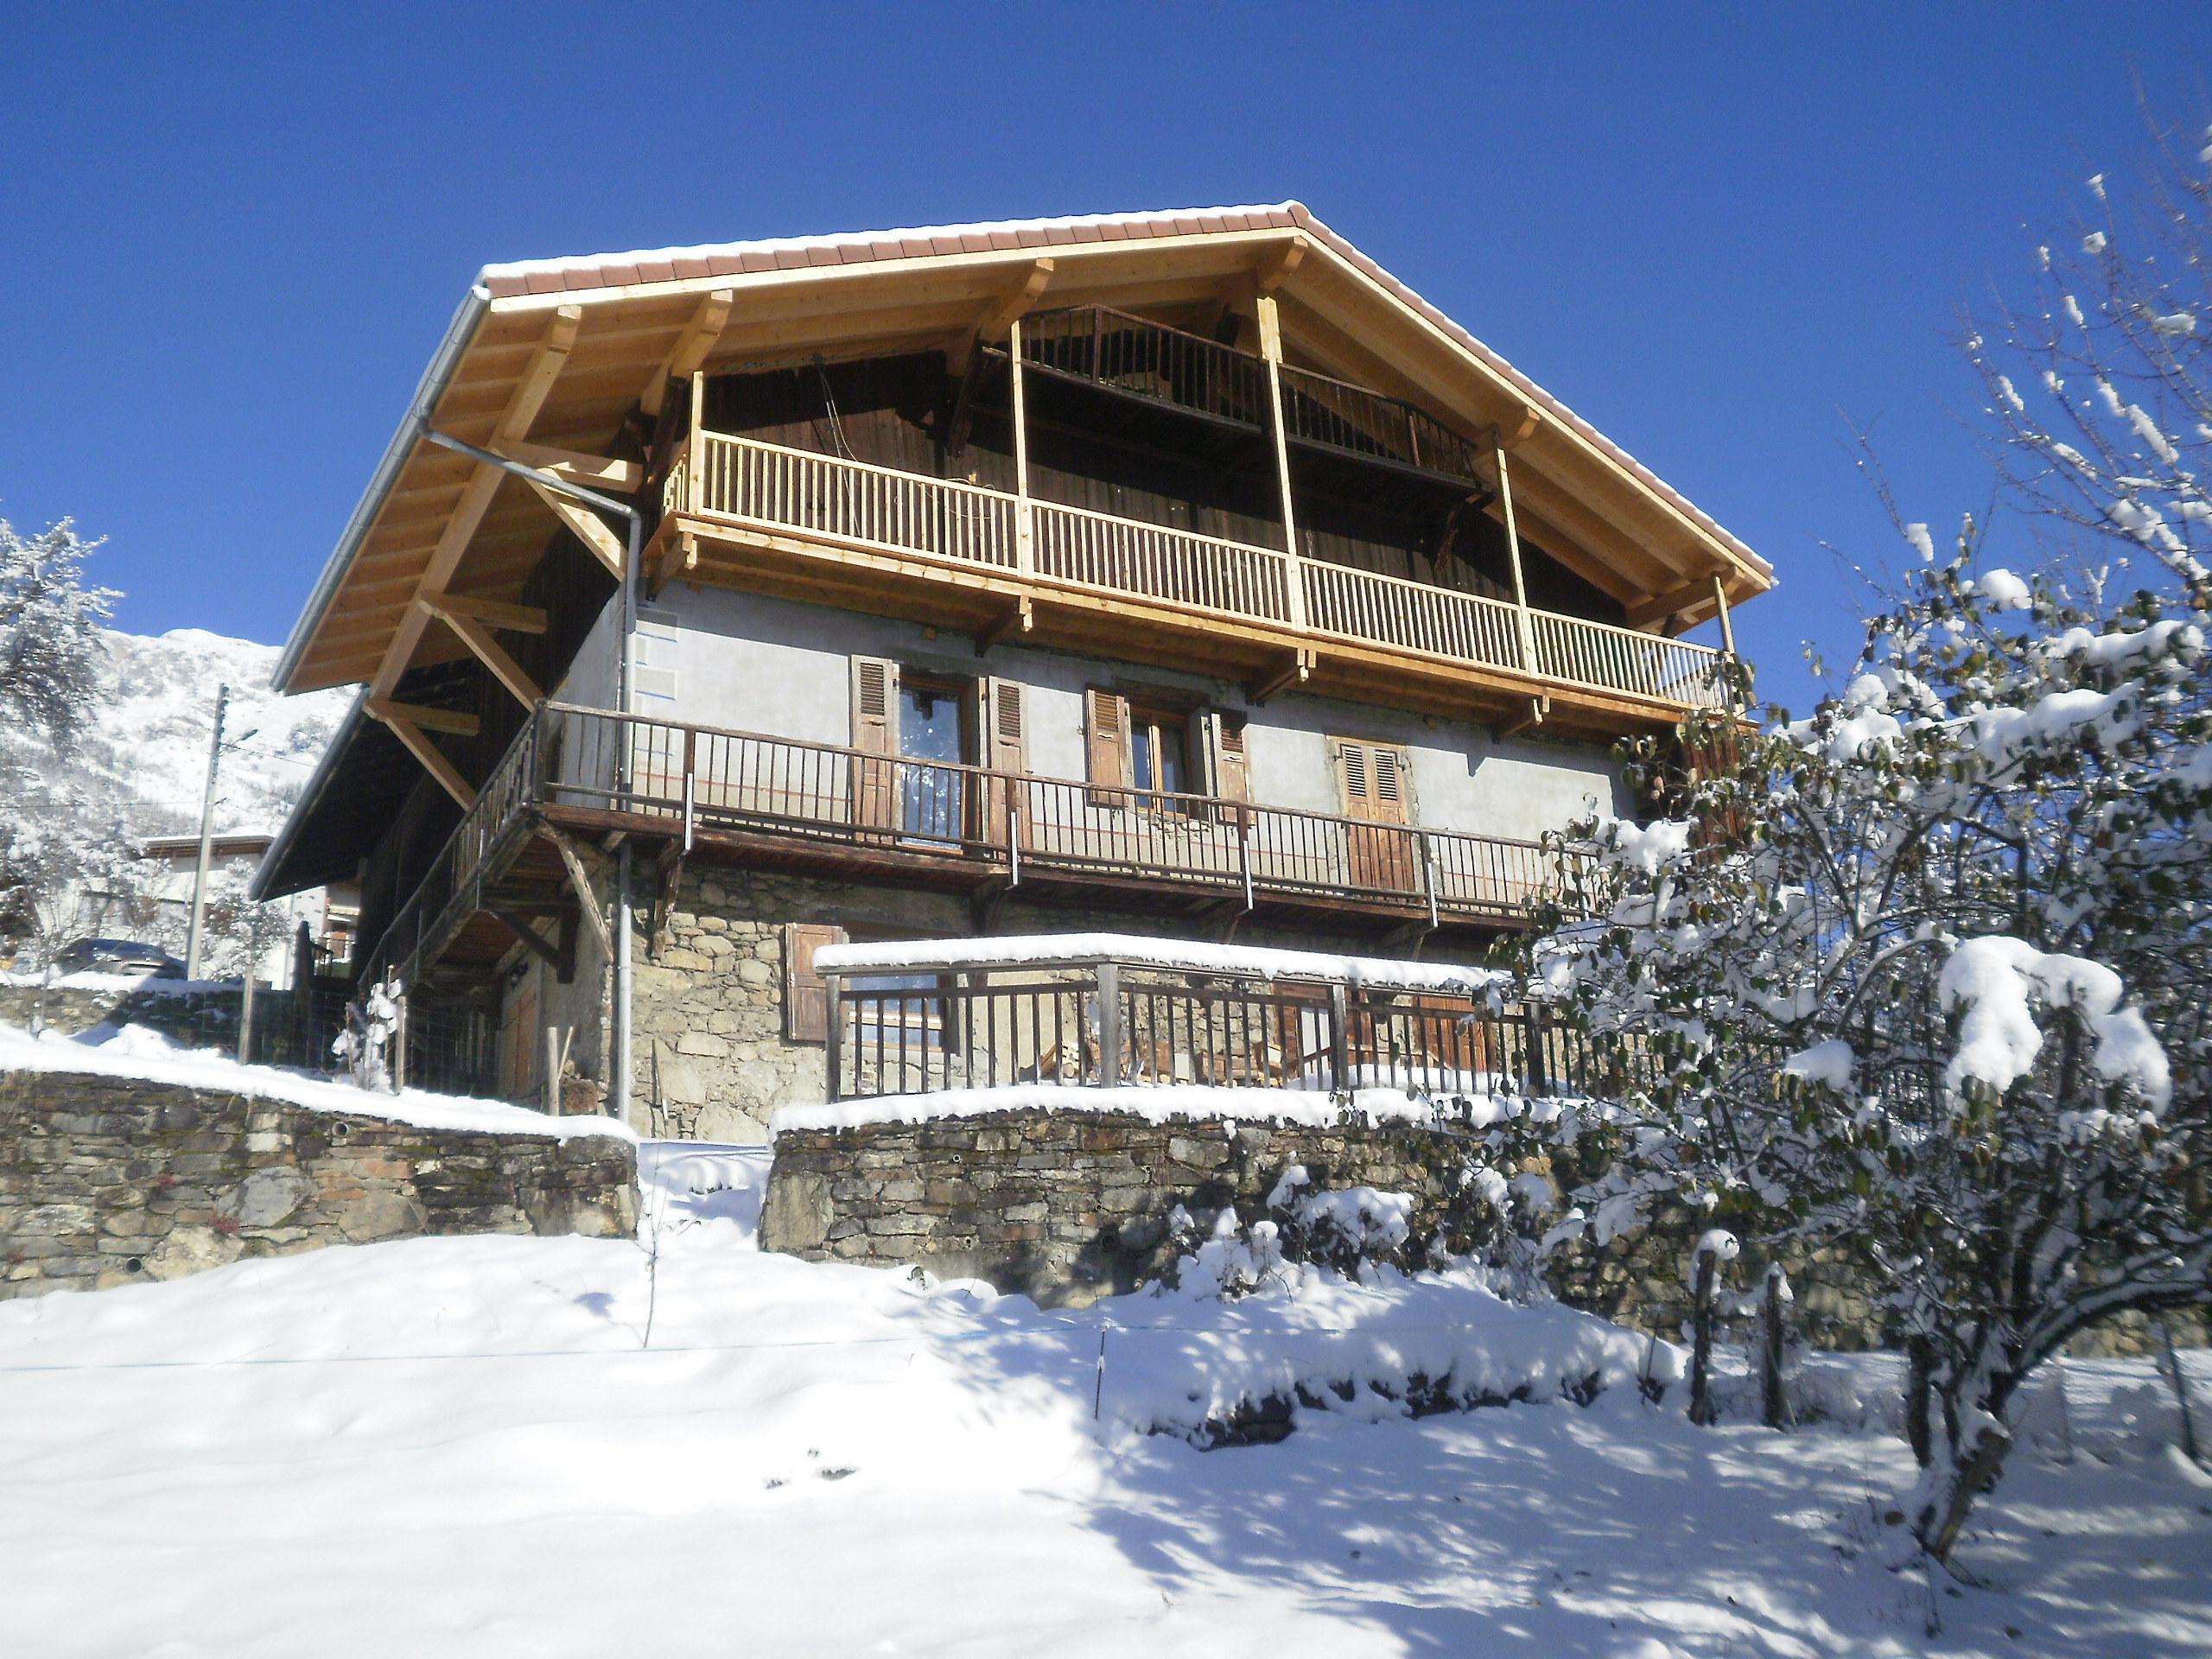 Maison chalet passy pays du mont blanc chalet du crey for Maison du mont